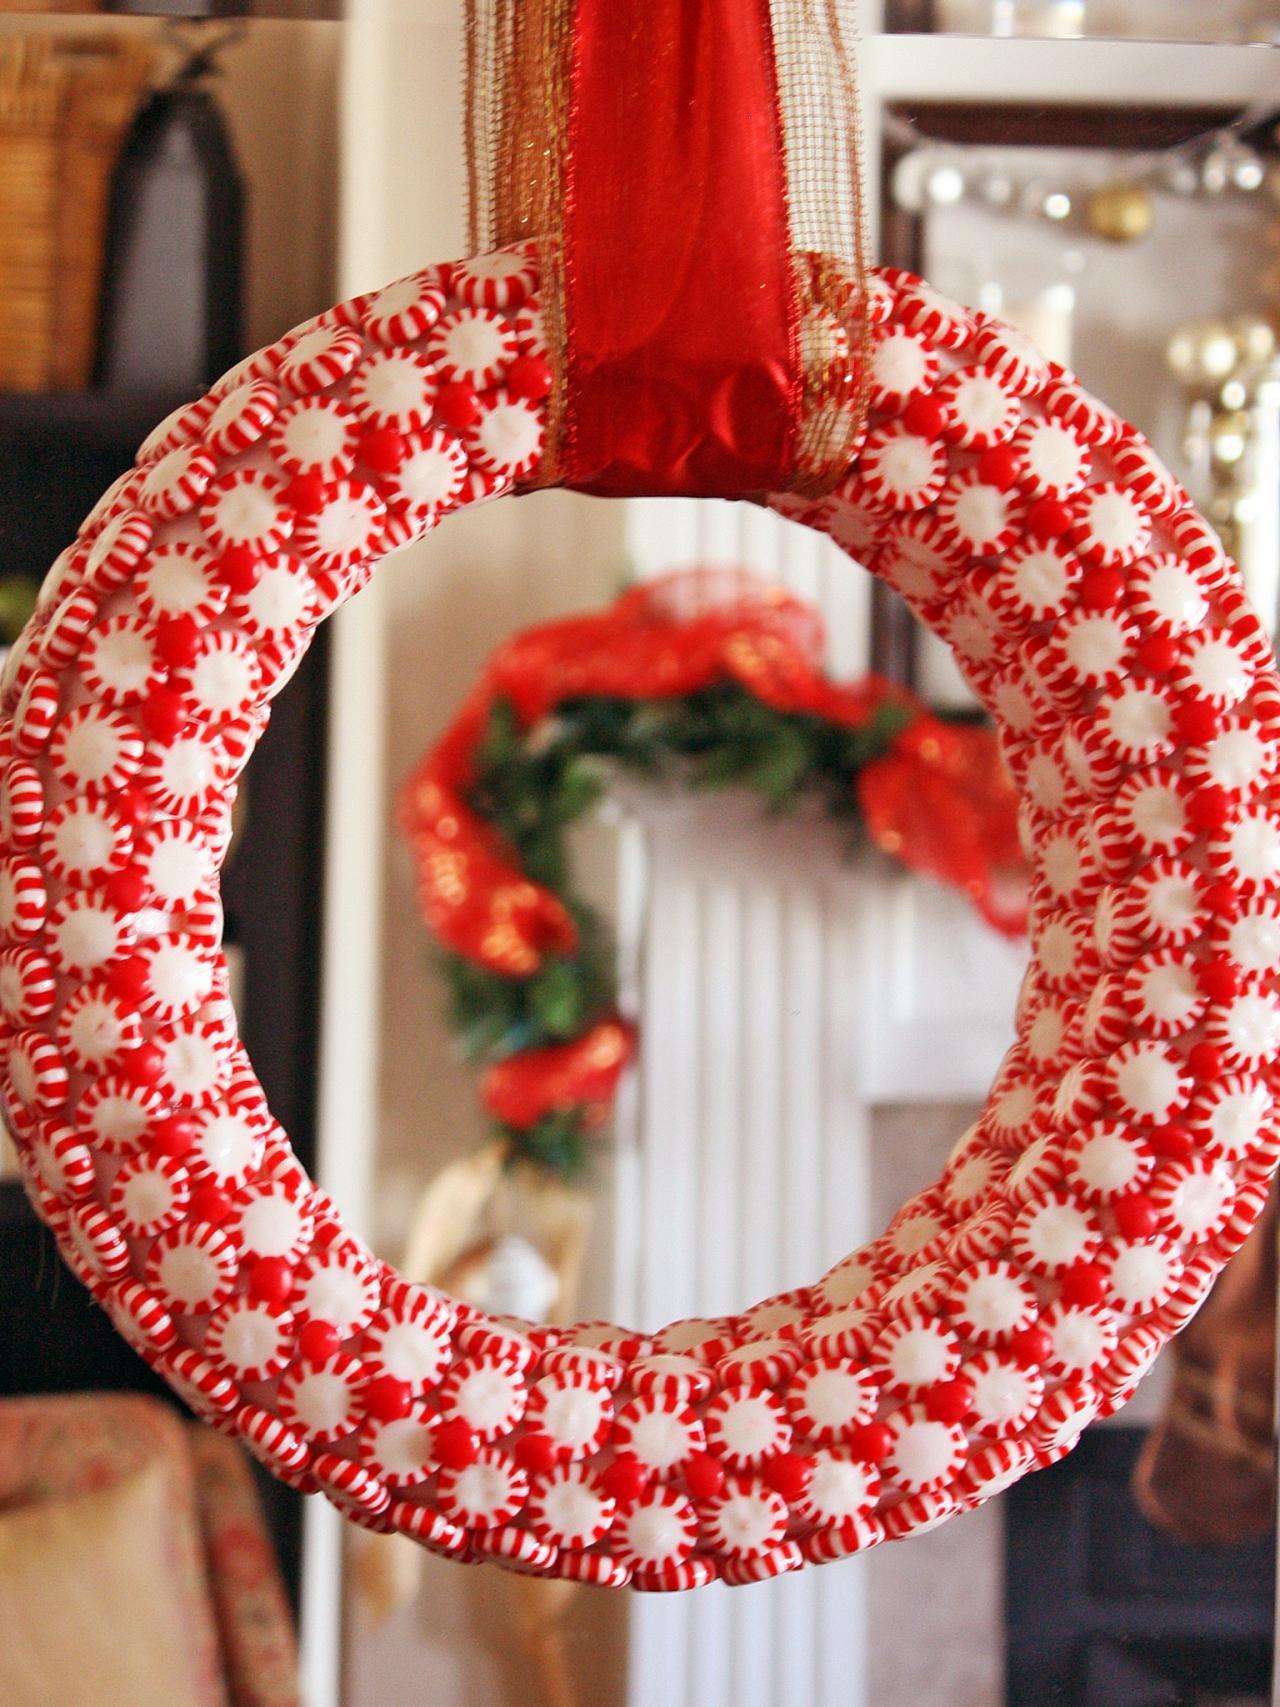 Венок из конфет праздничной расцветки, наклеенных на широкий круг из пенопласта